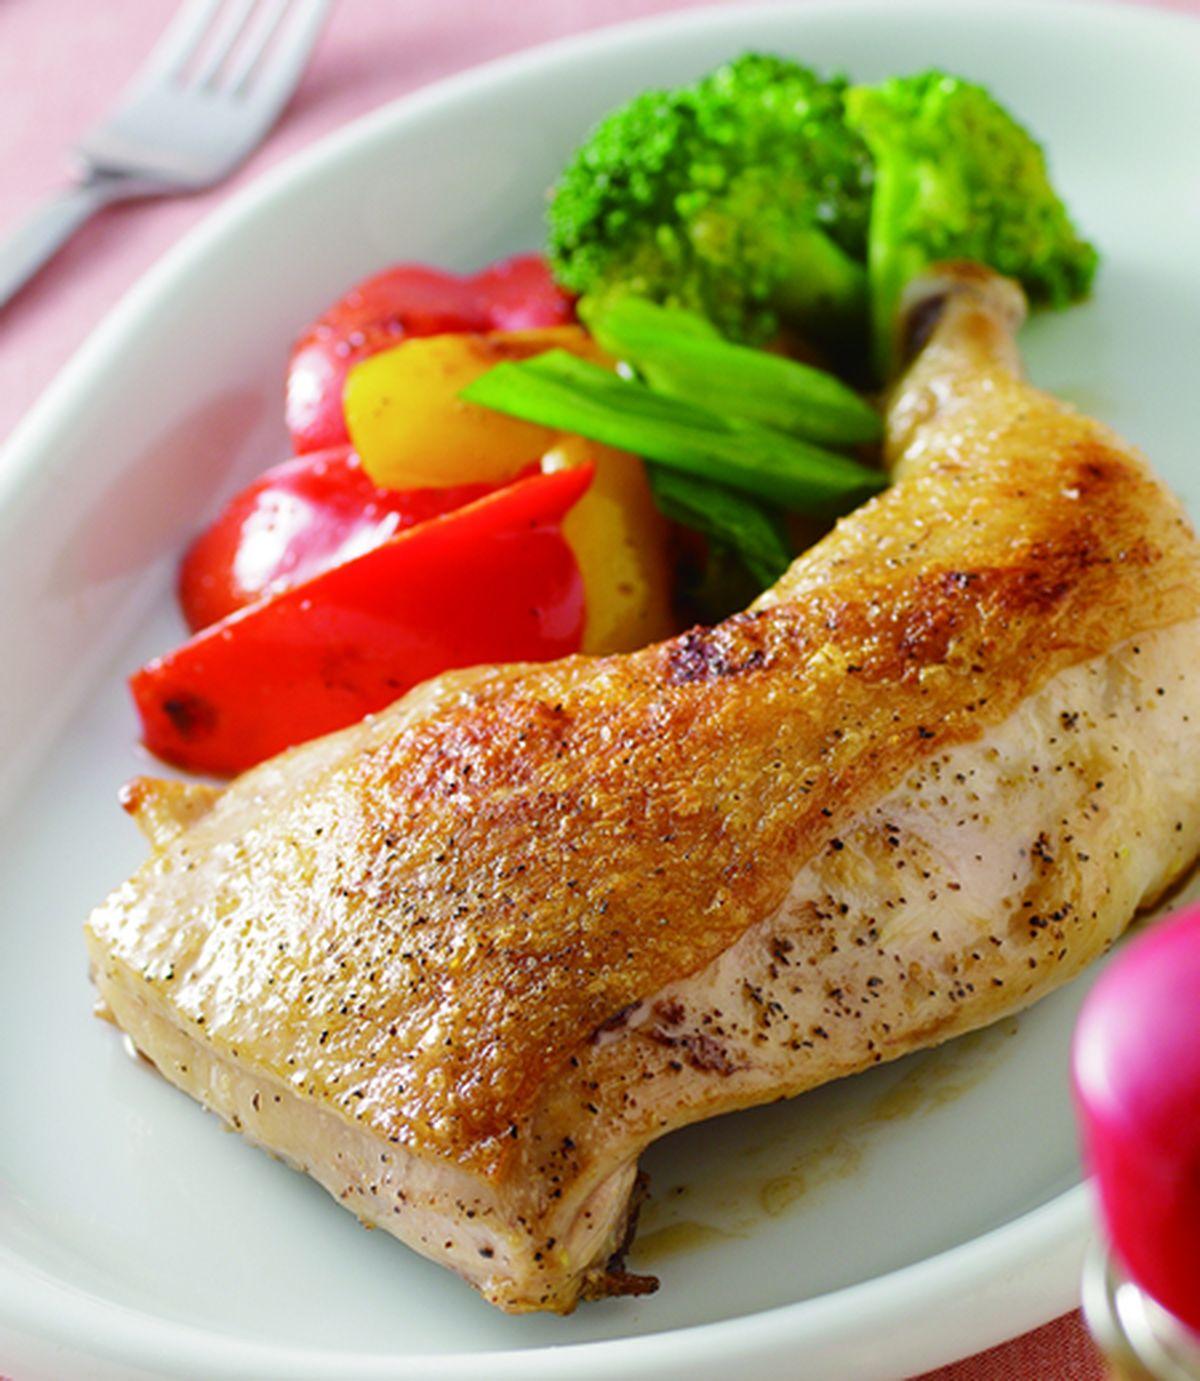 食譜:普羅旺斯煎雞腿